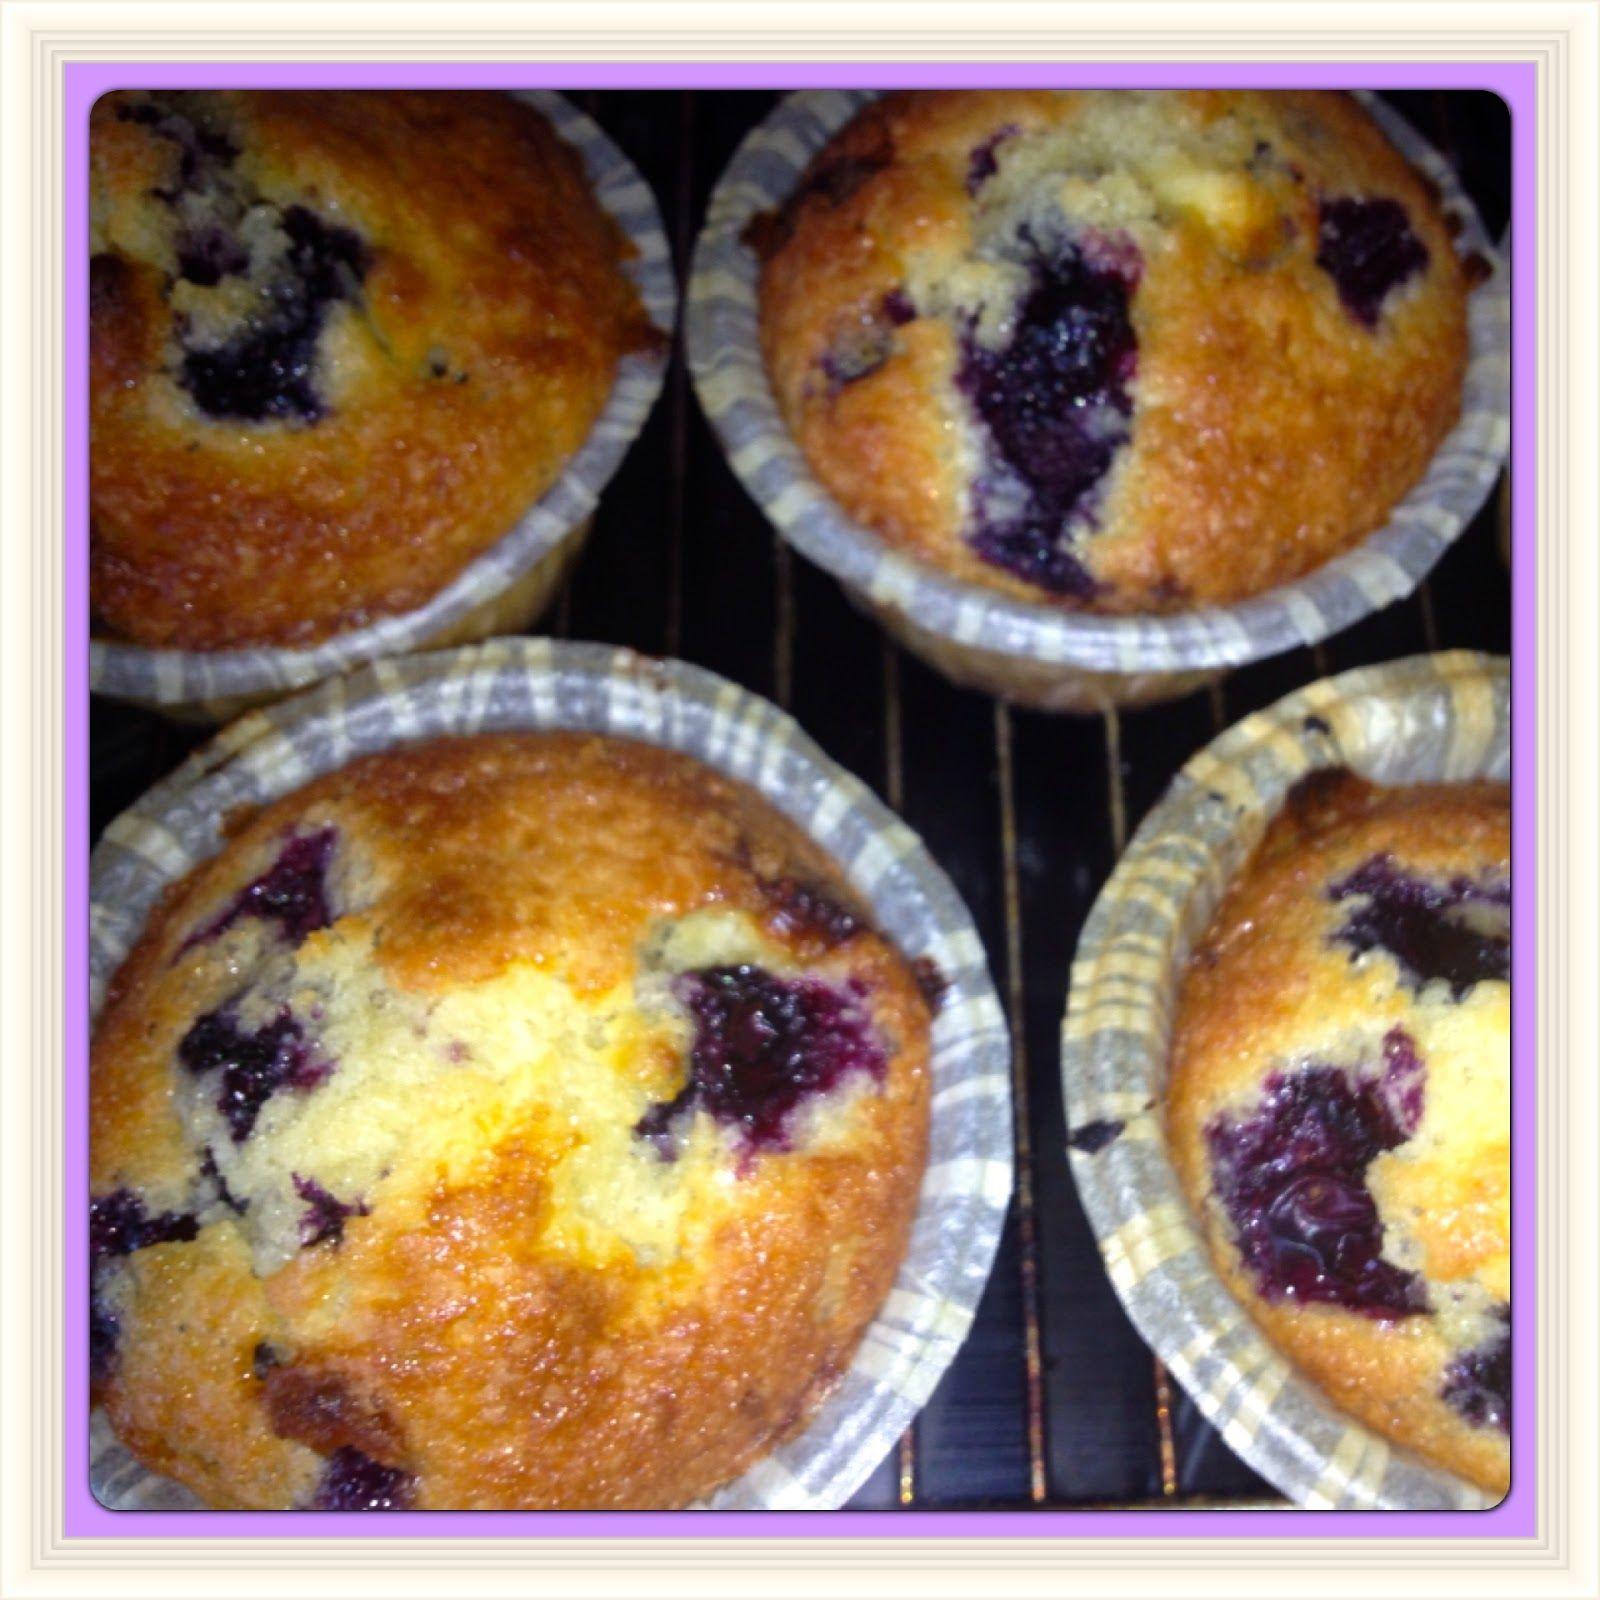 Nemme Og Lækre Opskrifter Der Virker Nemme Blåbær Muffins Med Hvid